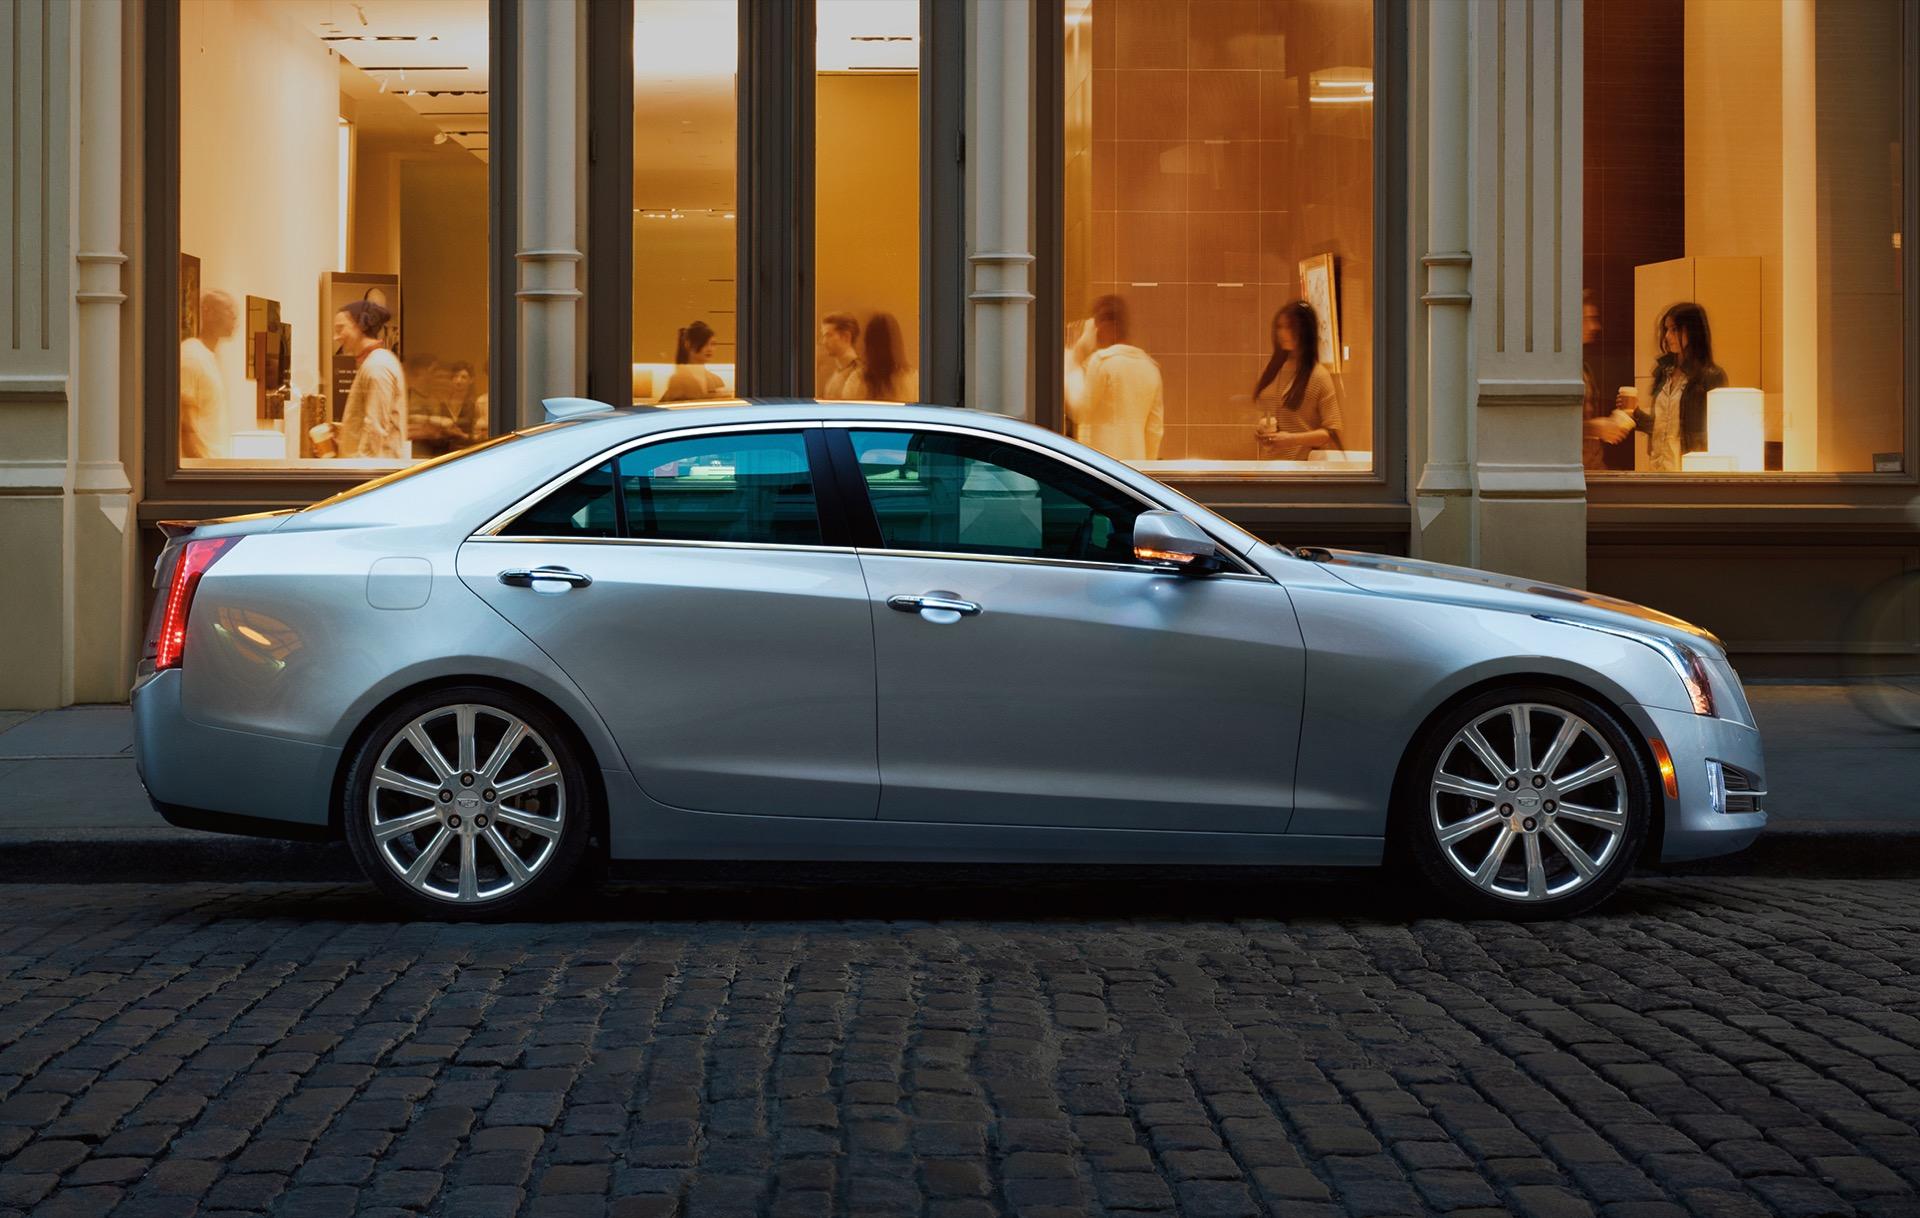 2016 Cadillac Ats Review Ratings